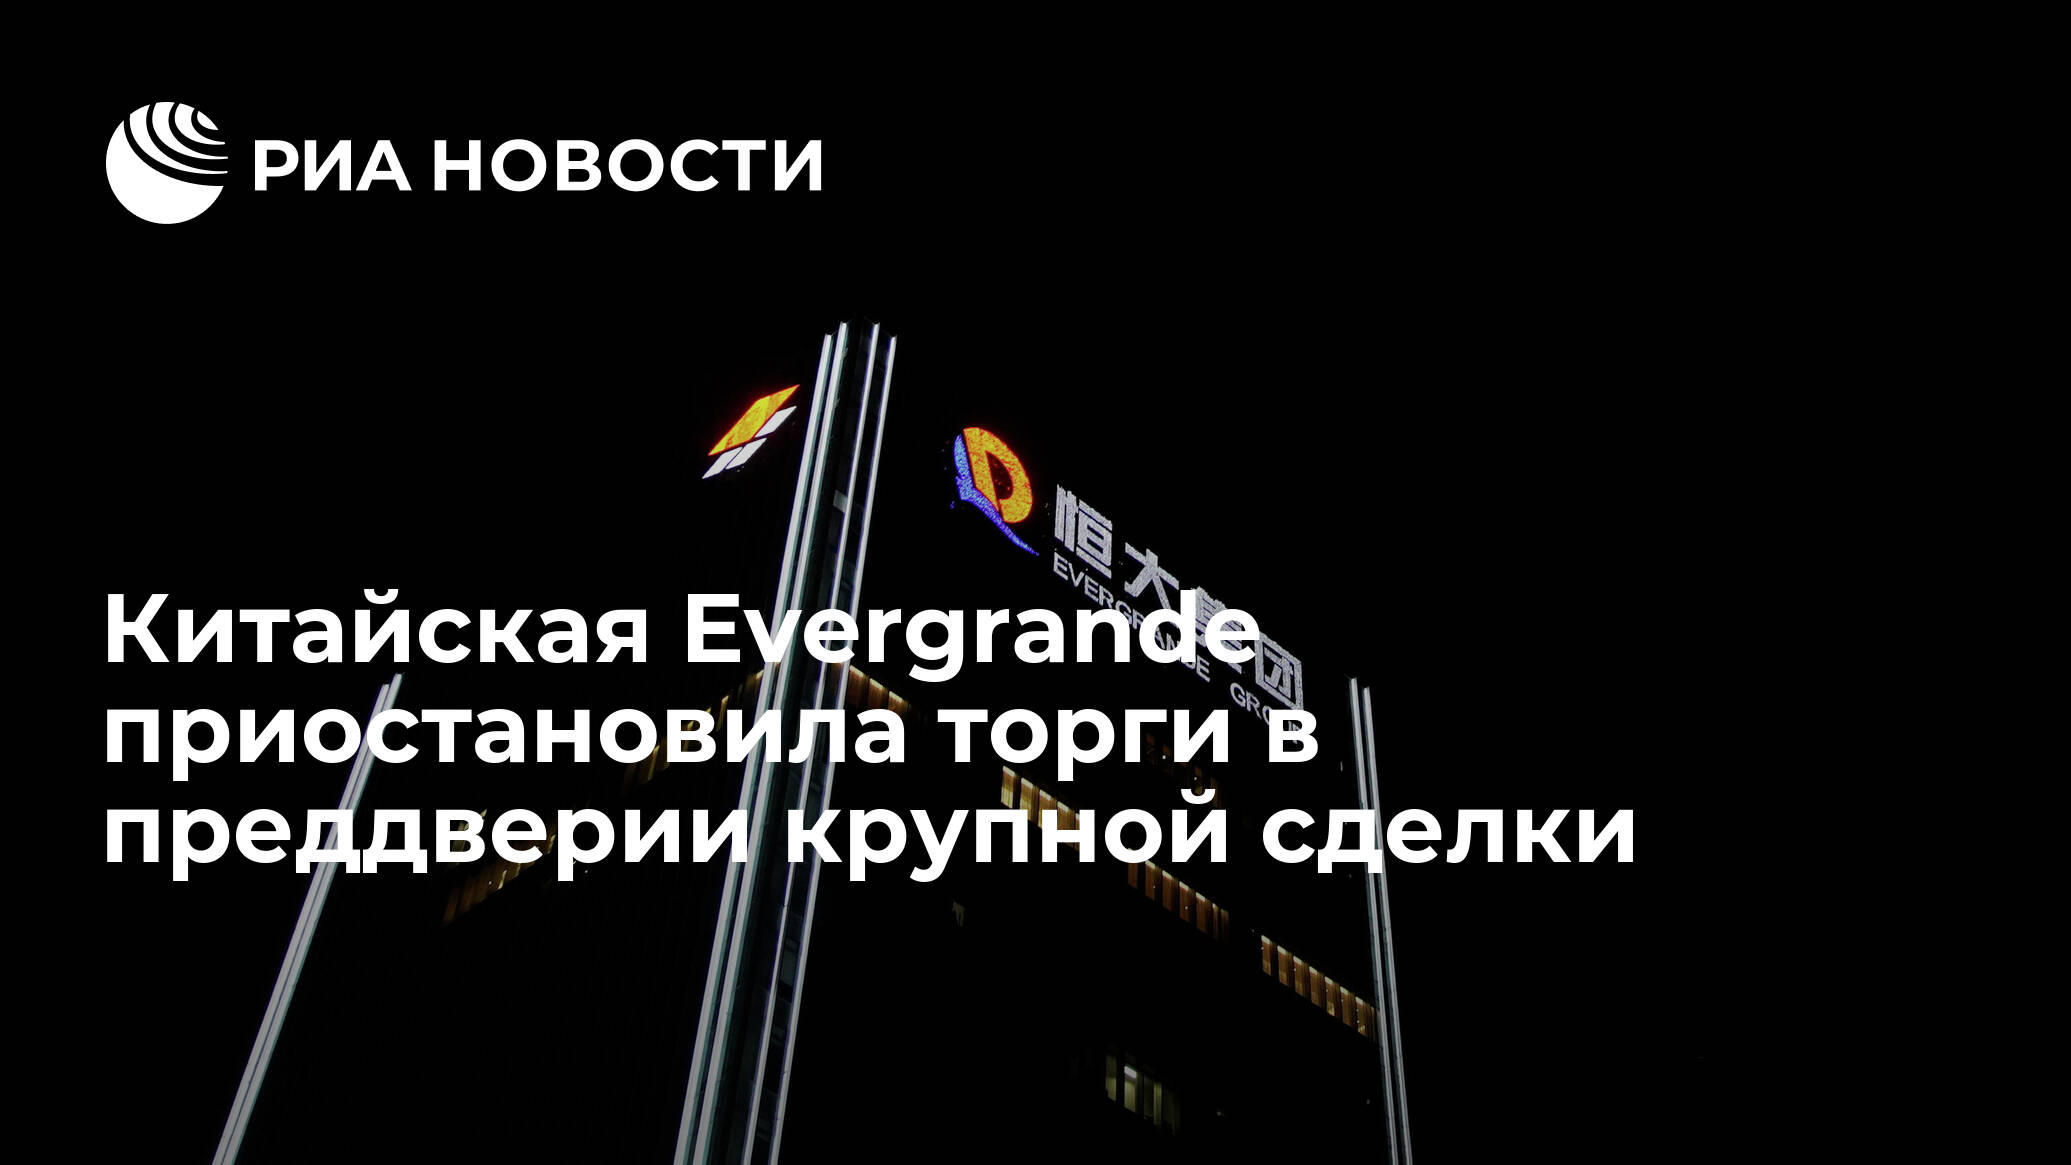 Китайская Evergrande приостановила торги в преддверии крупной сделки